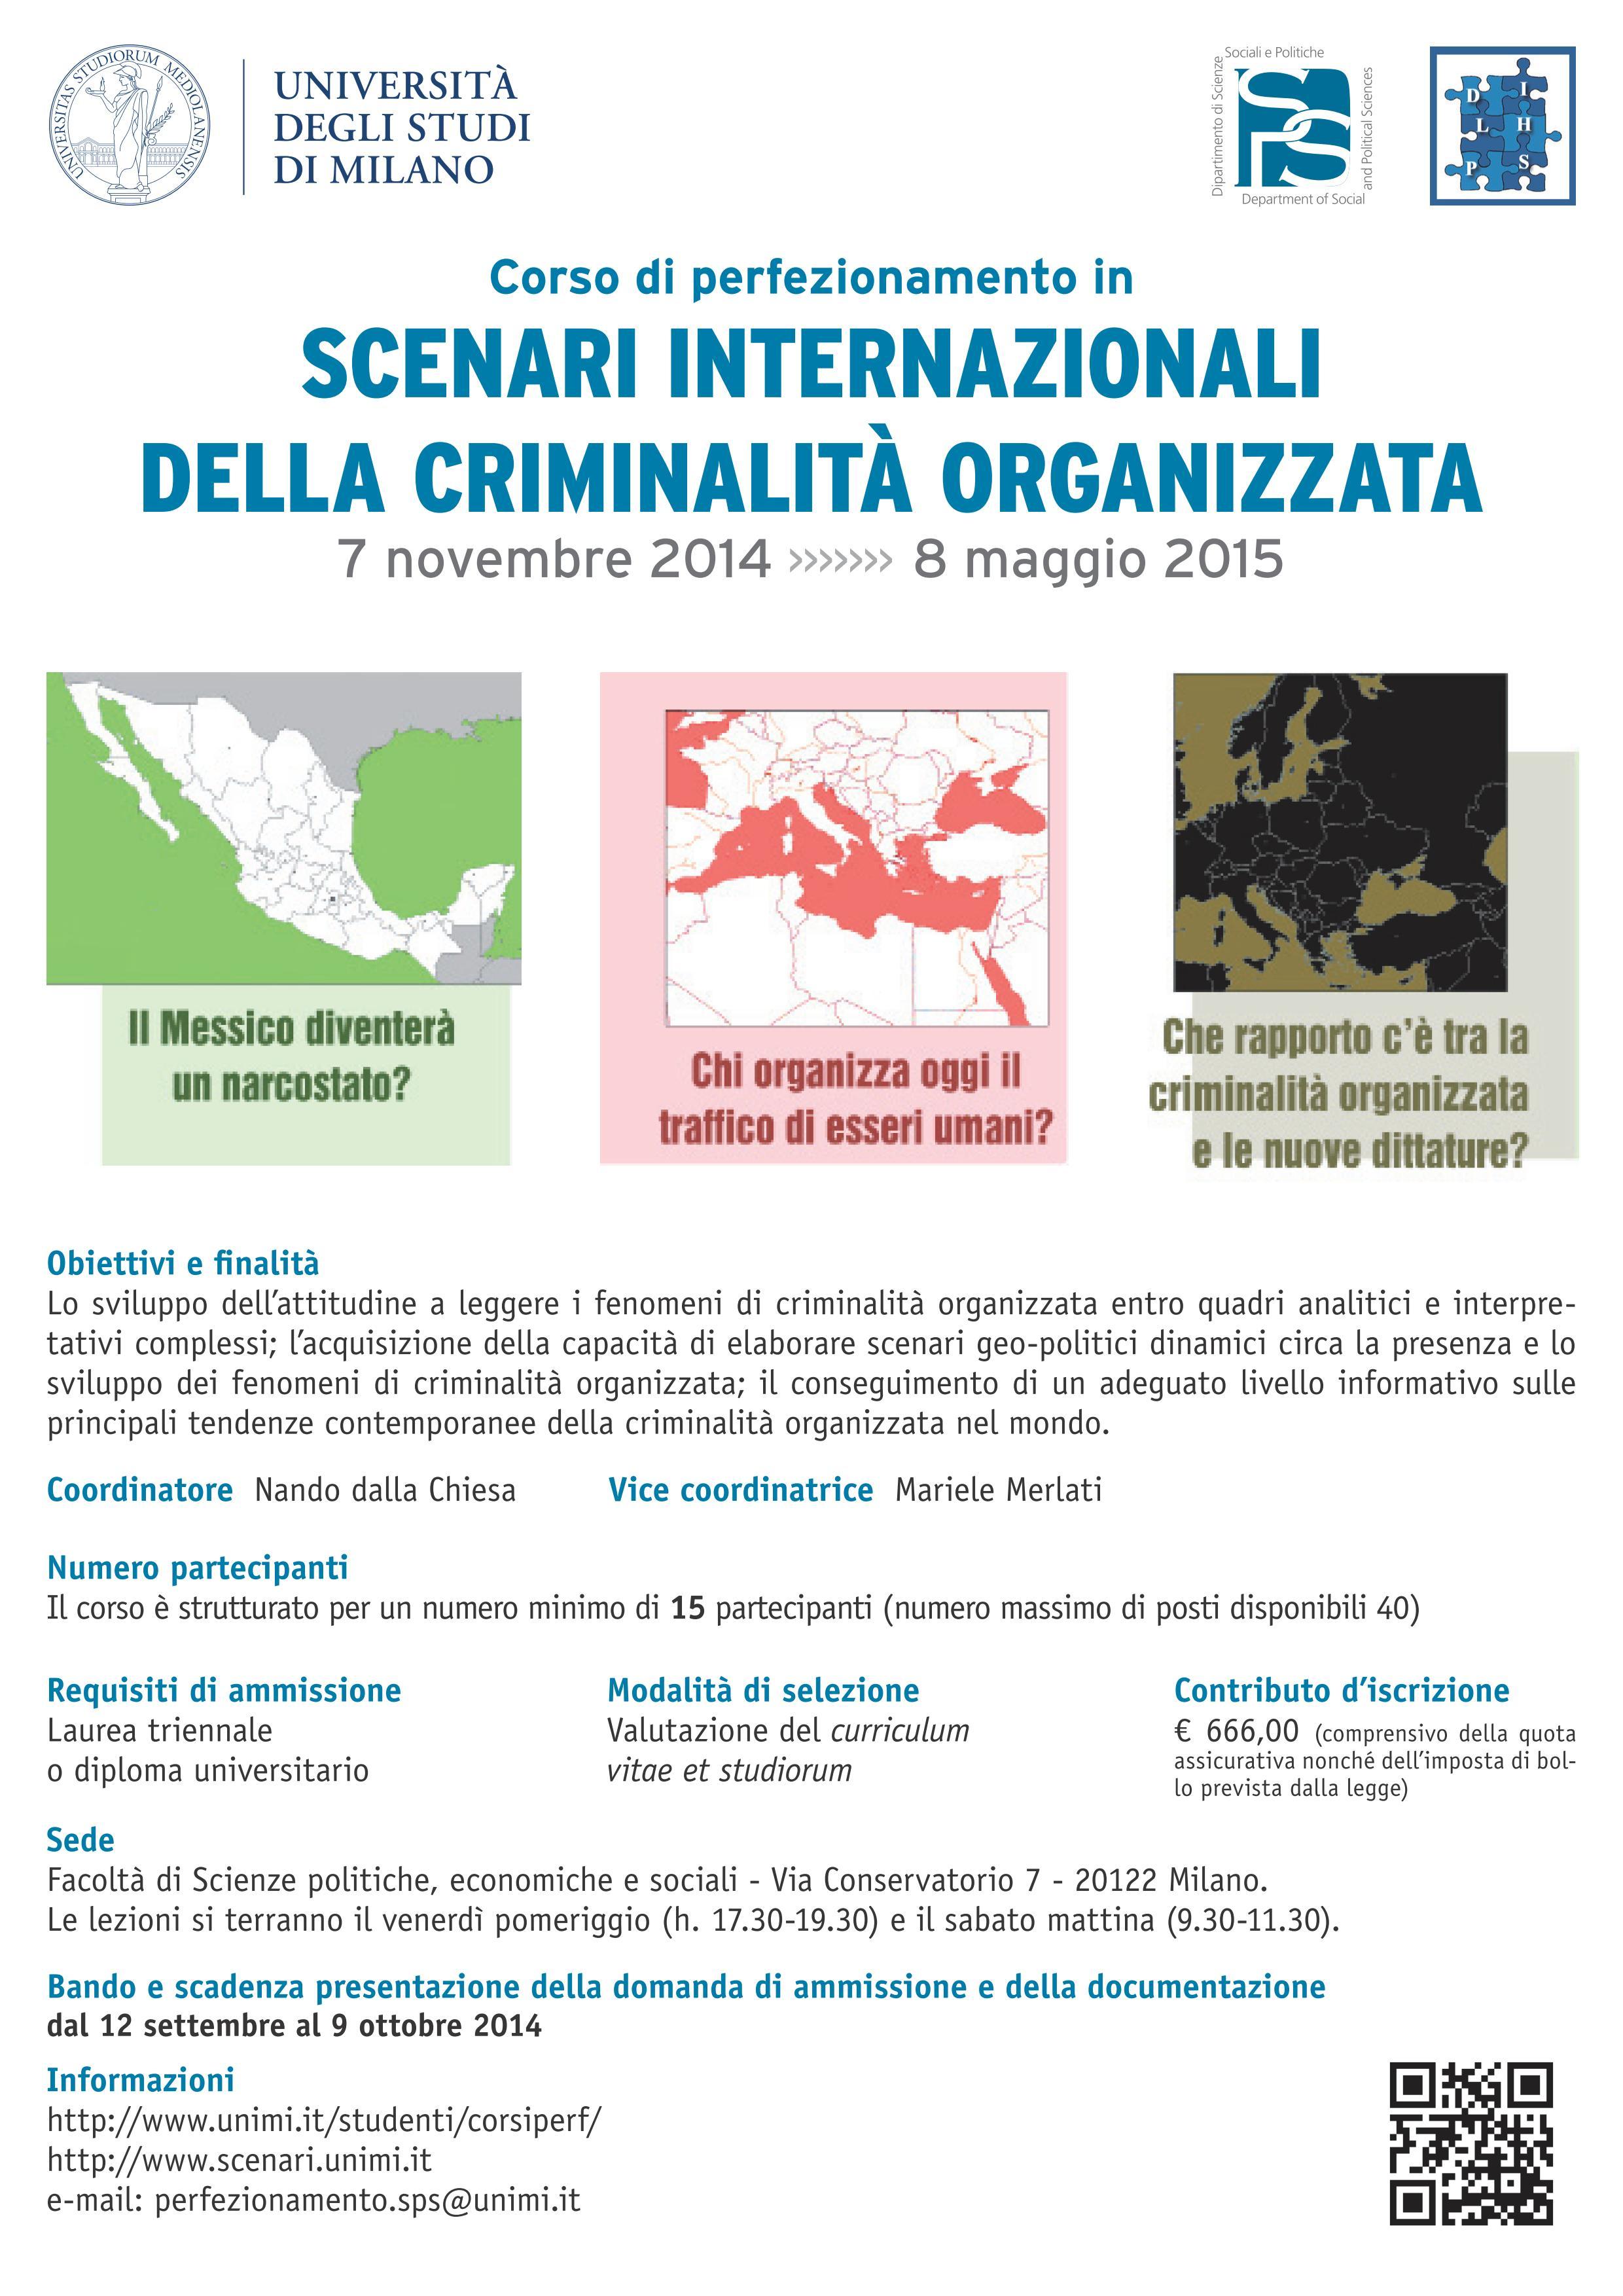 Torna il Corso di Perfezionamento in Scenari Internazionali della Criminalità Organizzata